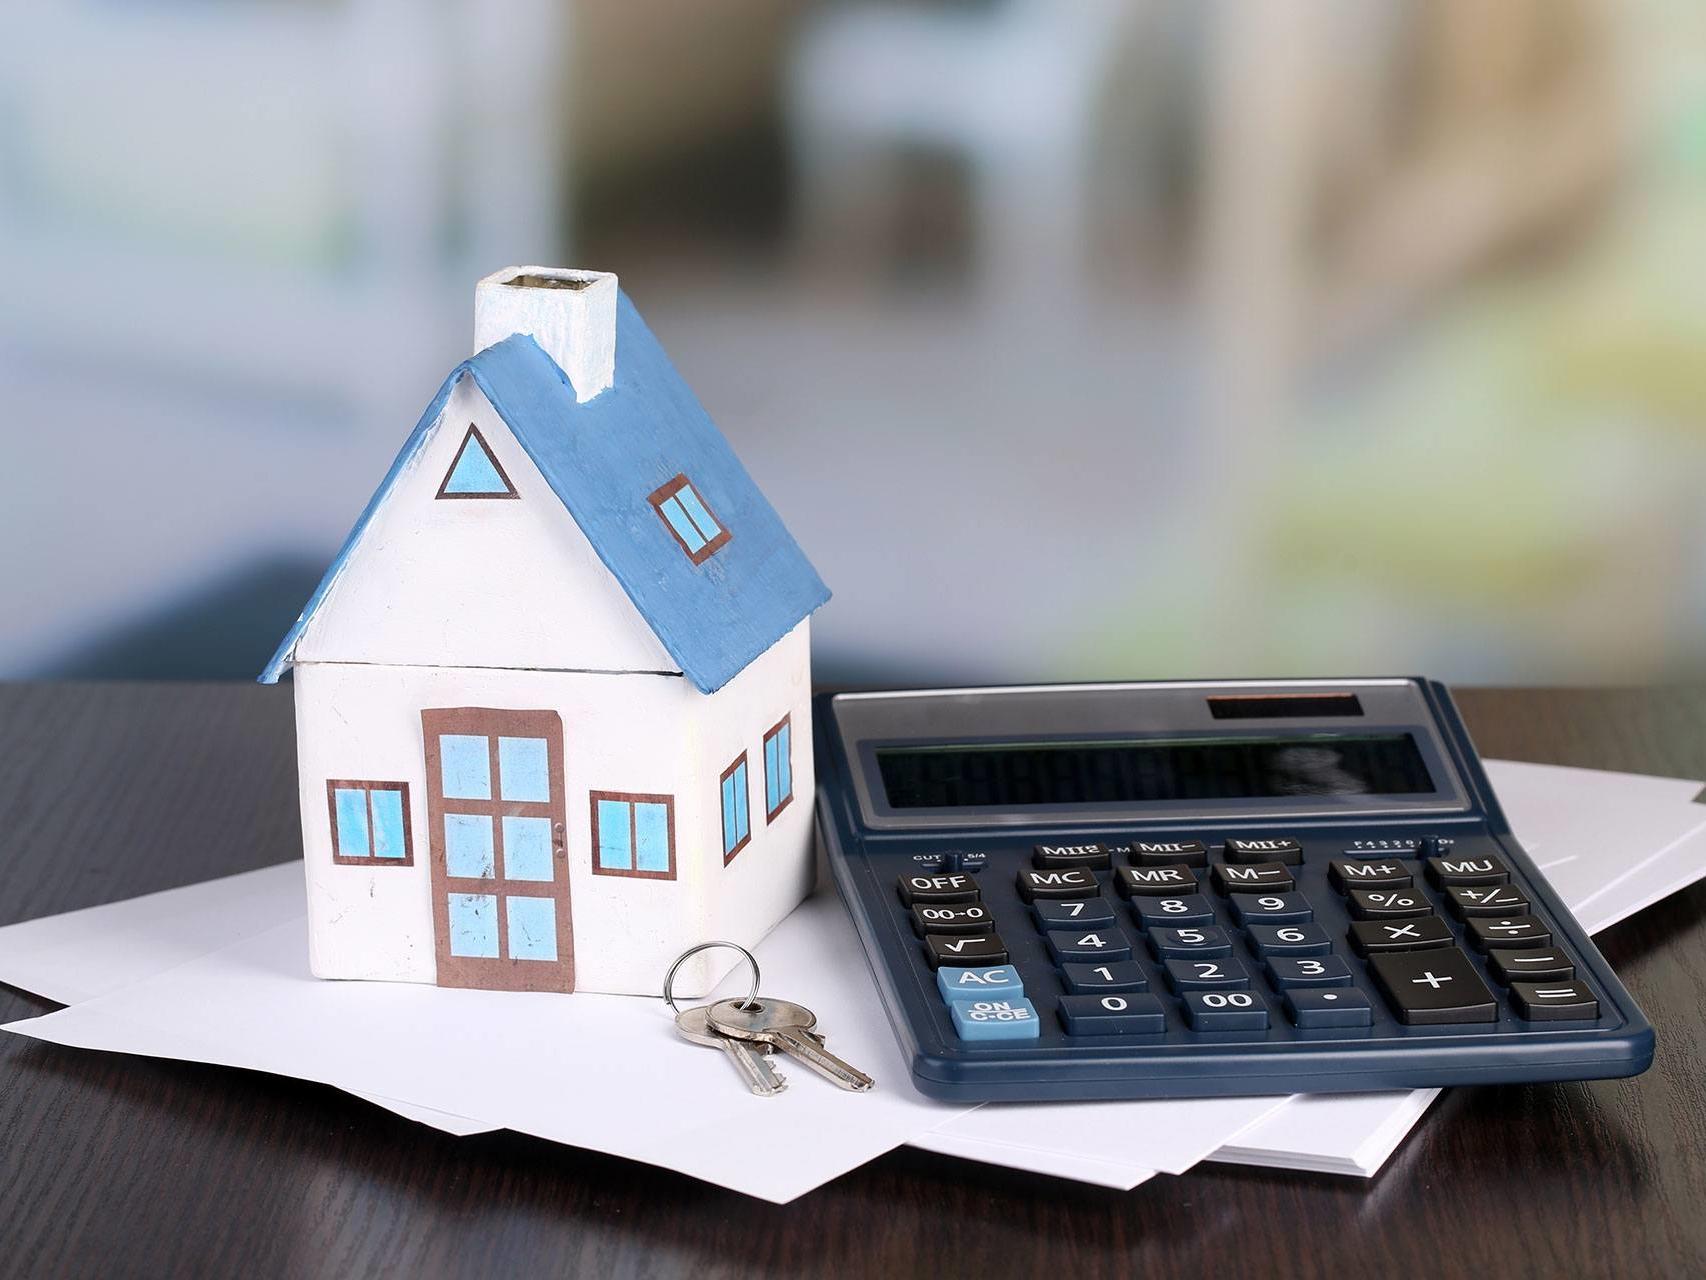 高的信用分数,不仅有资格申请抵押贷款,更可取得较好的贷款利率